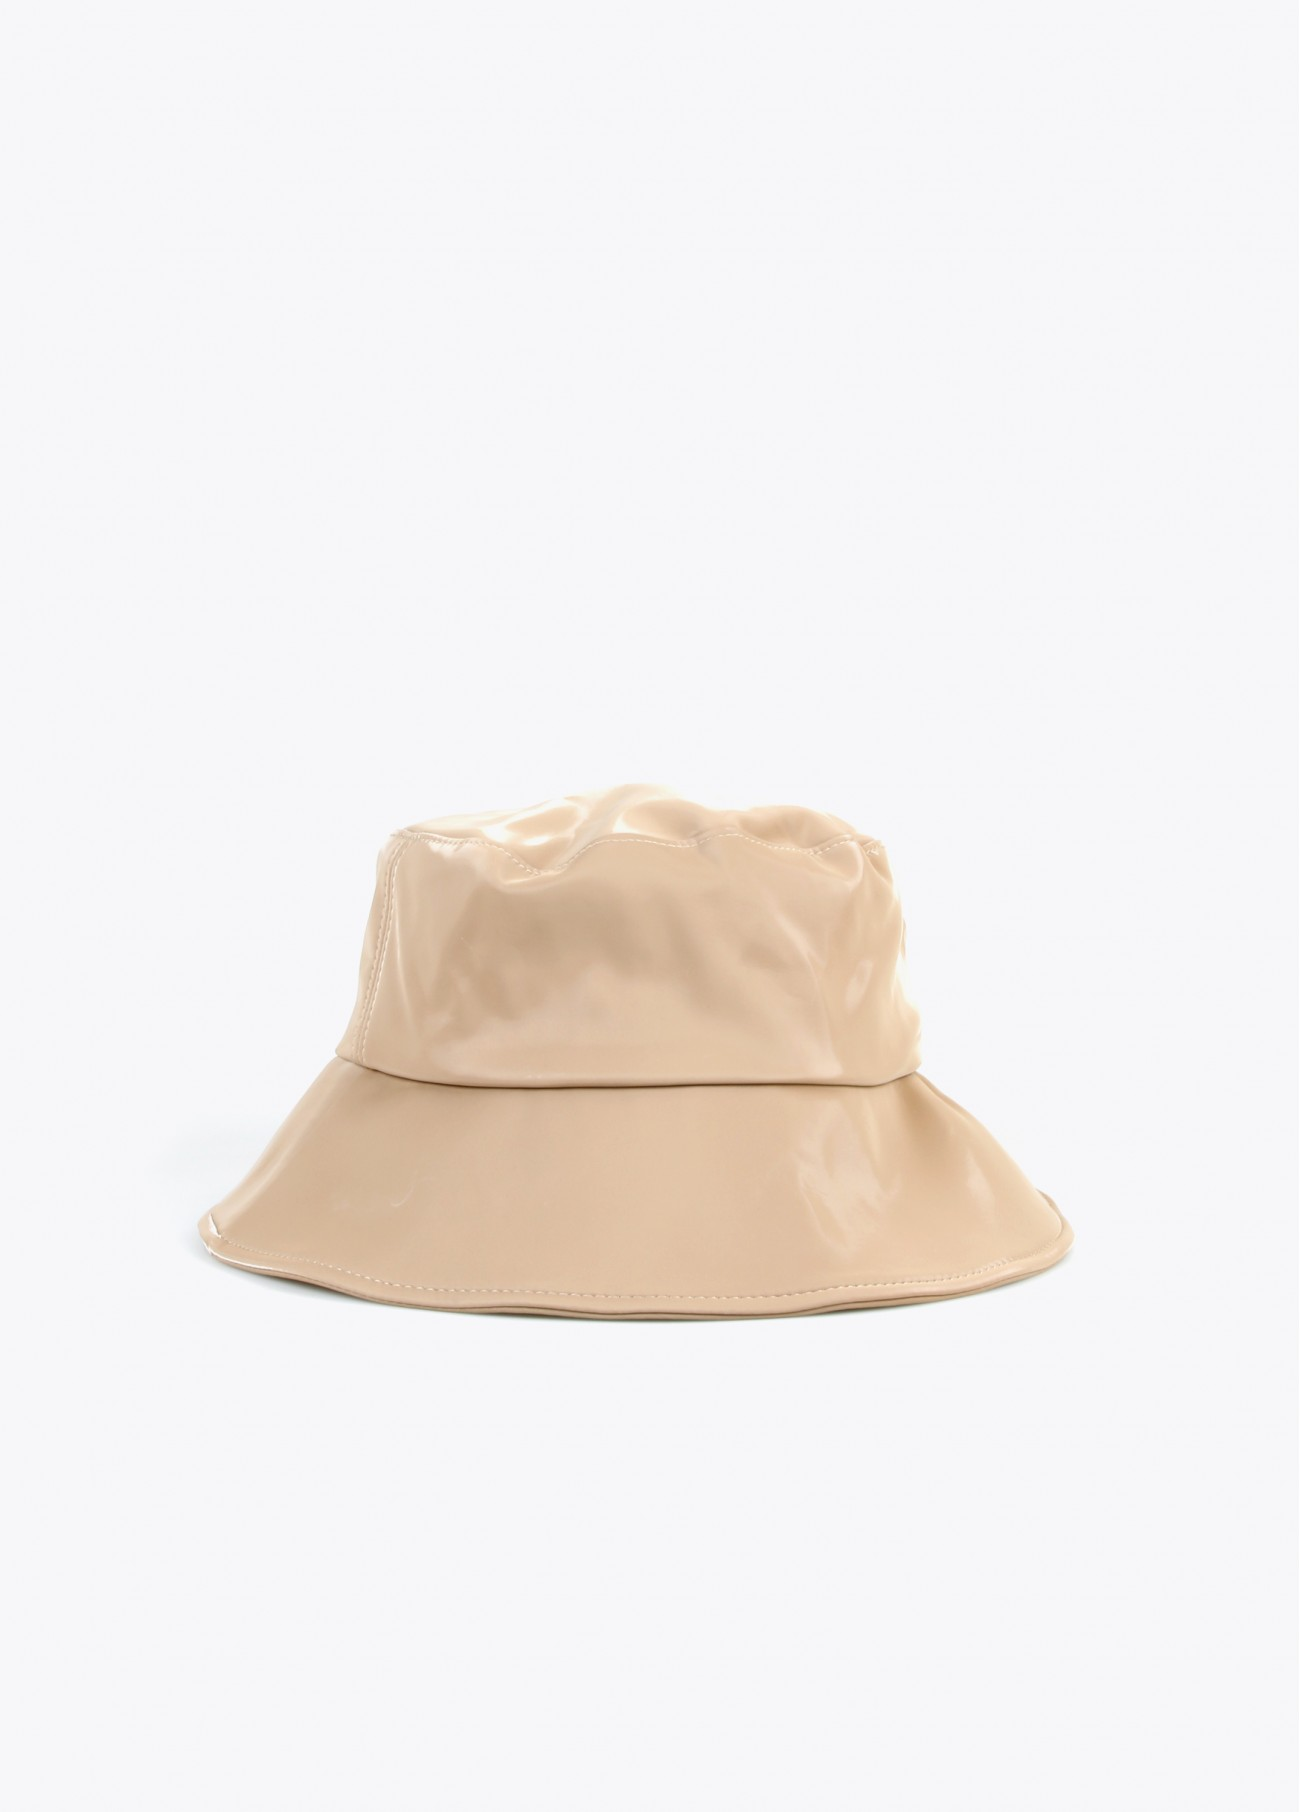 Sombrero bucket ecopiel, negro, beige 2